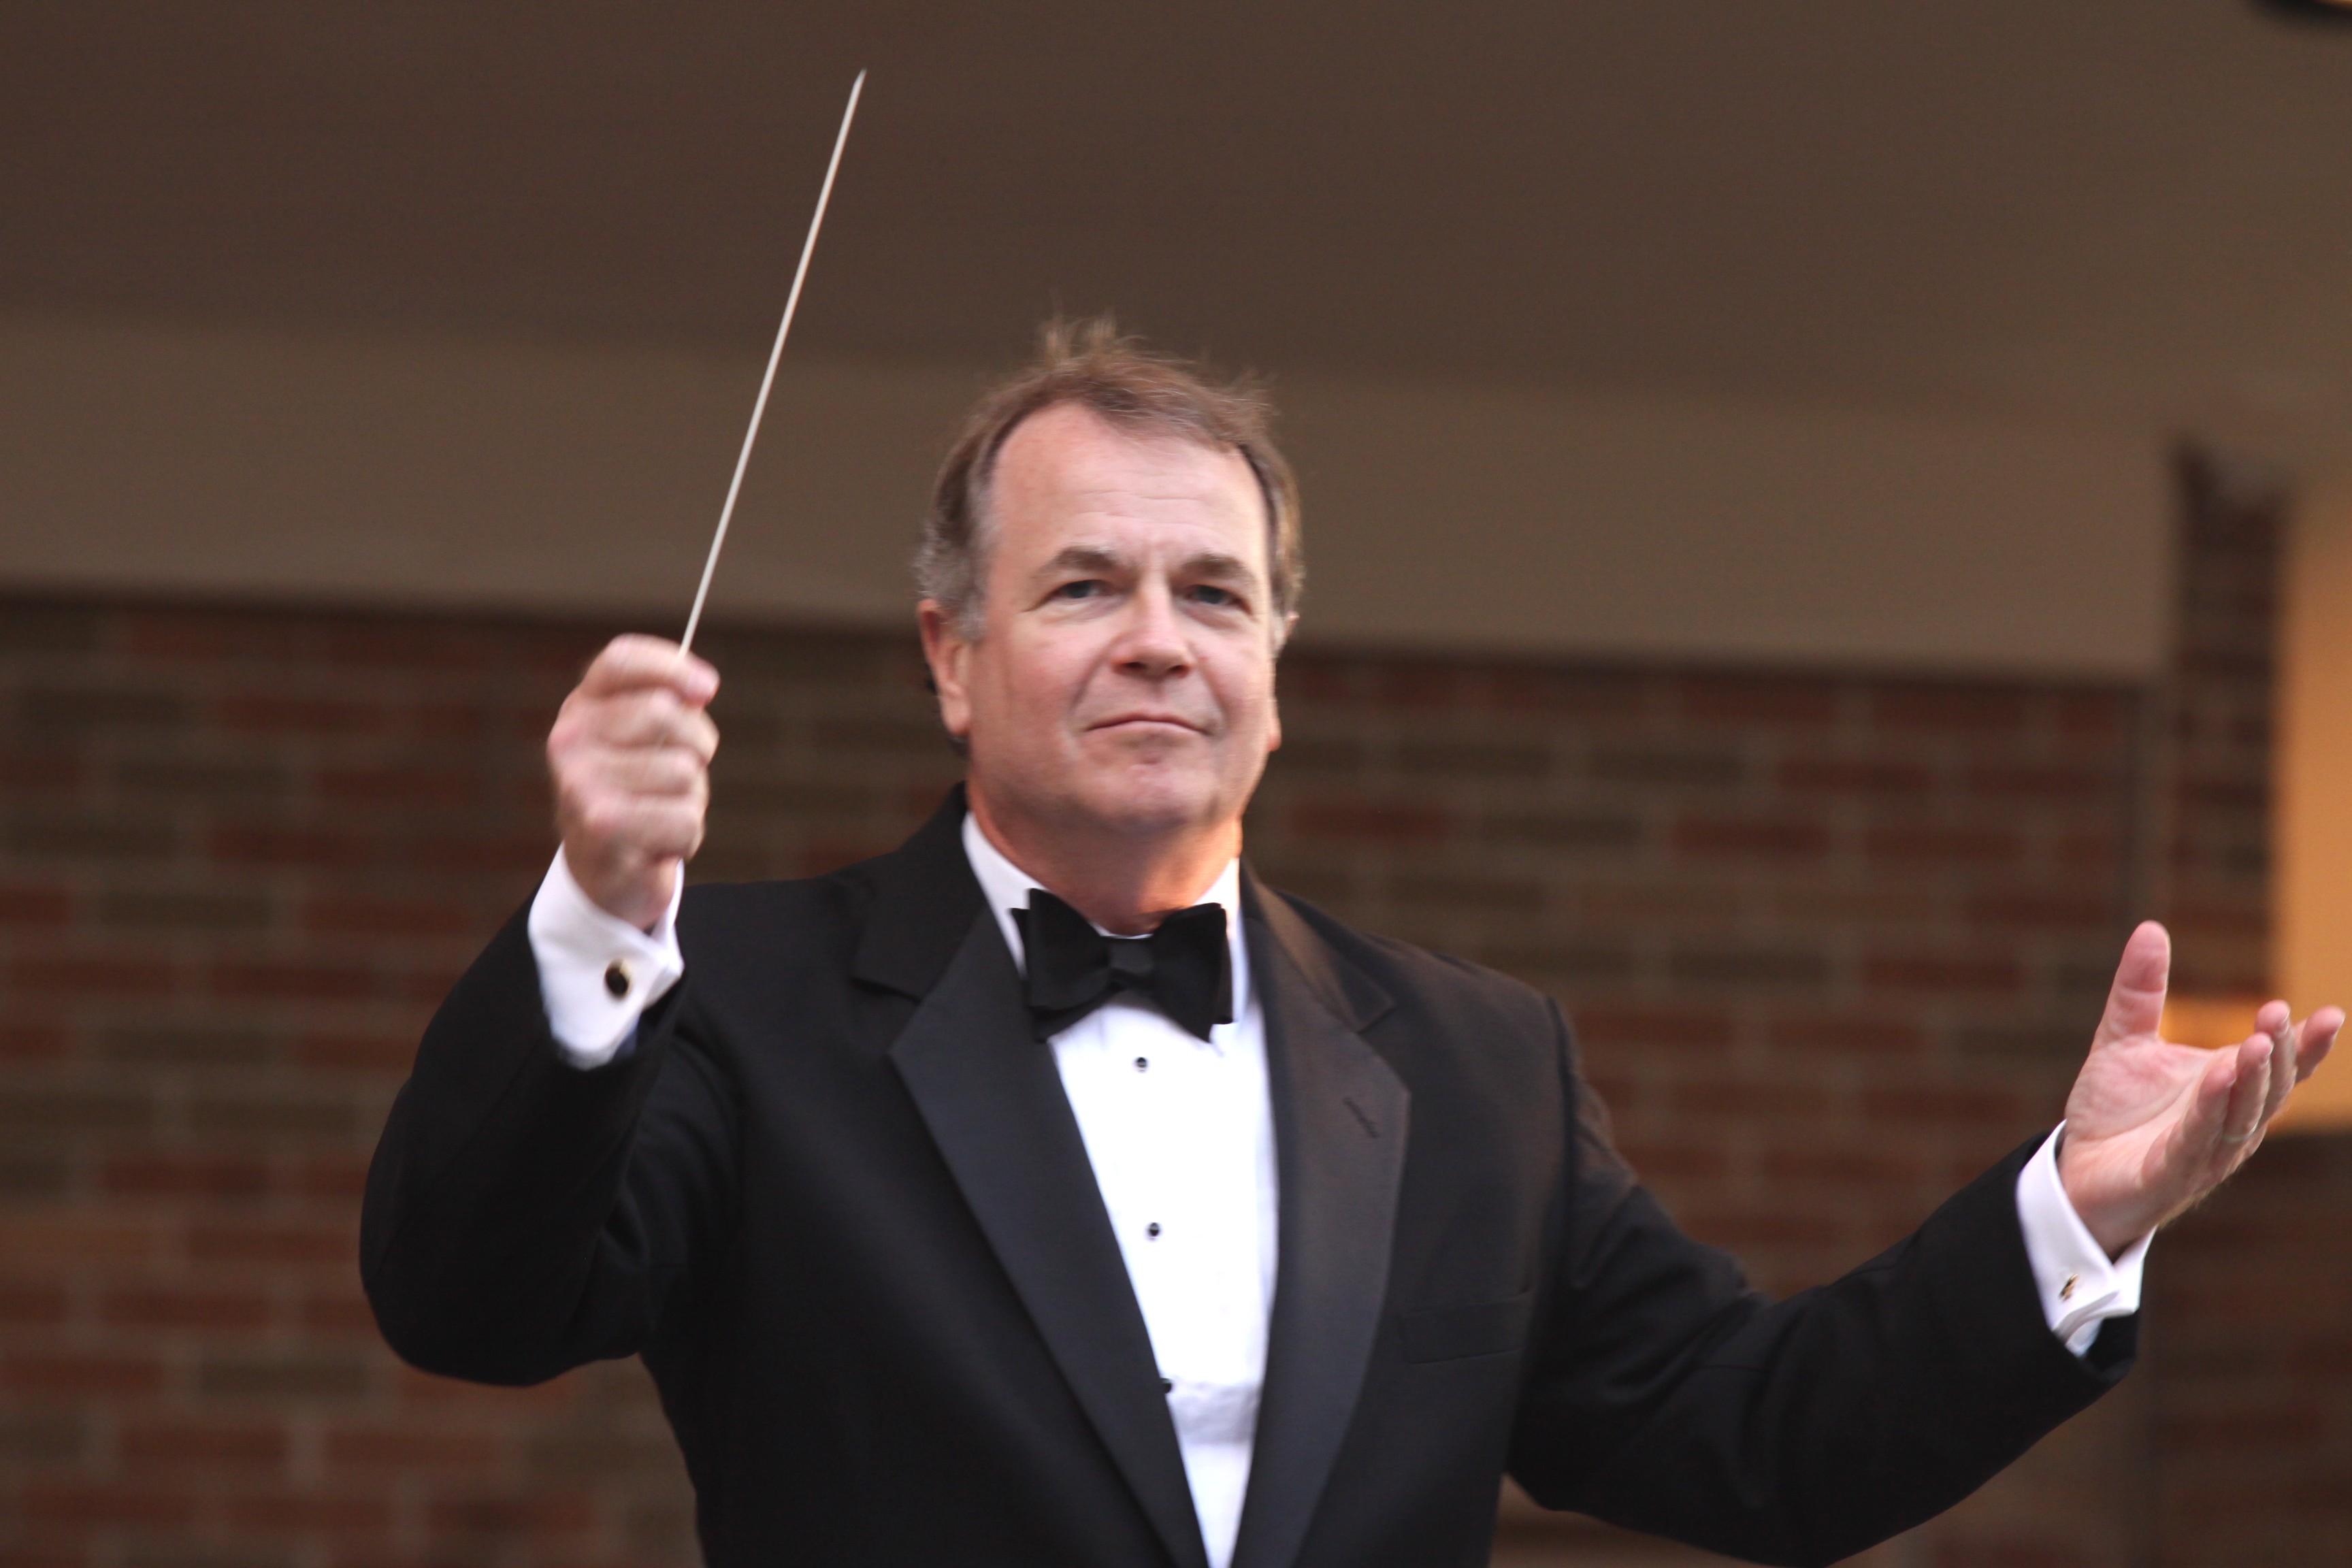 Dr Bruce Moss conducting the Wheaton Municipal Band